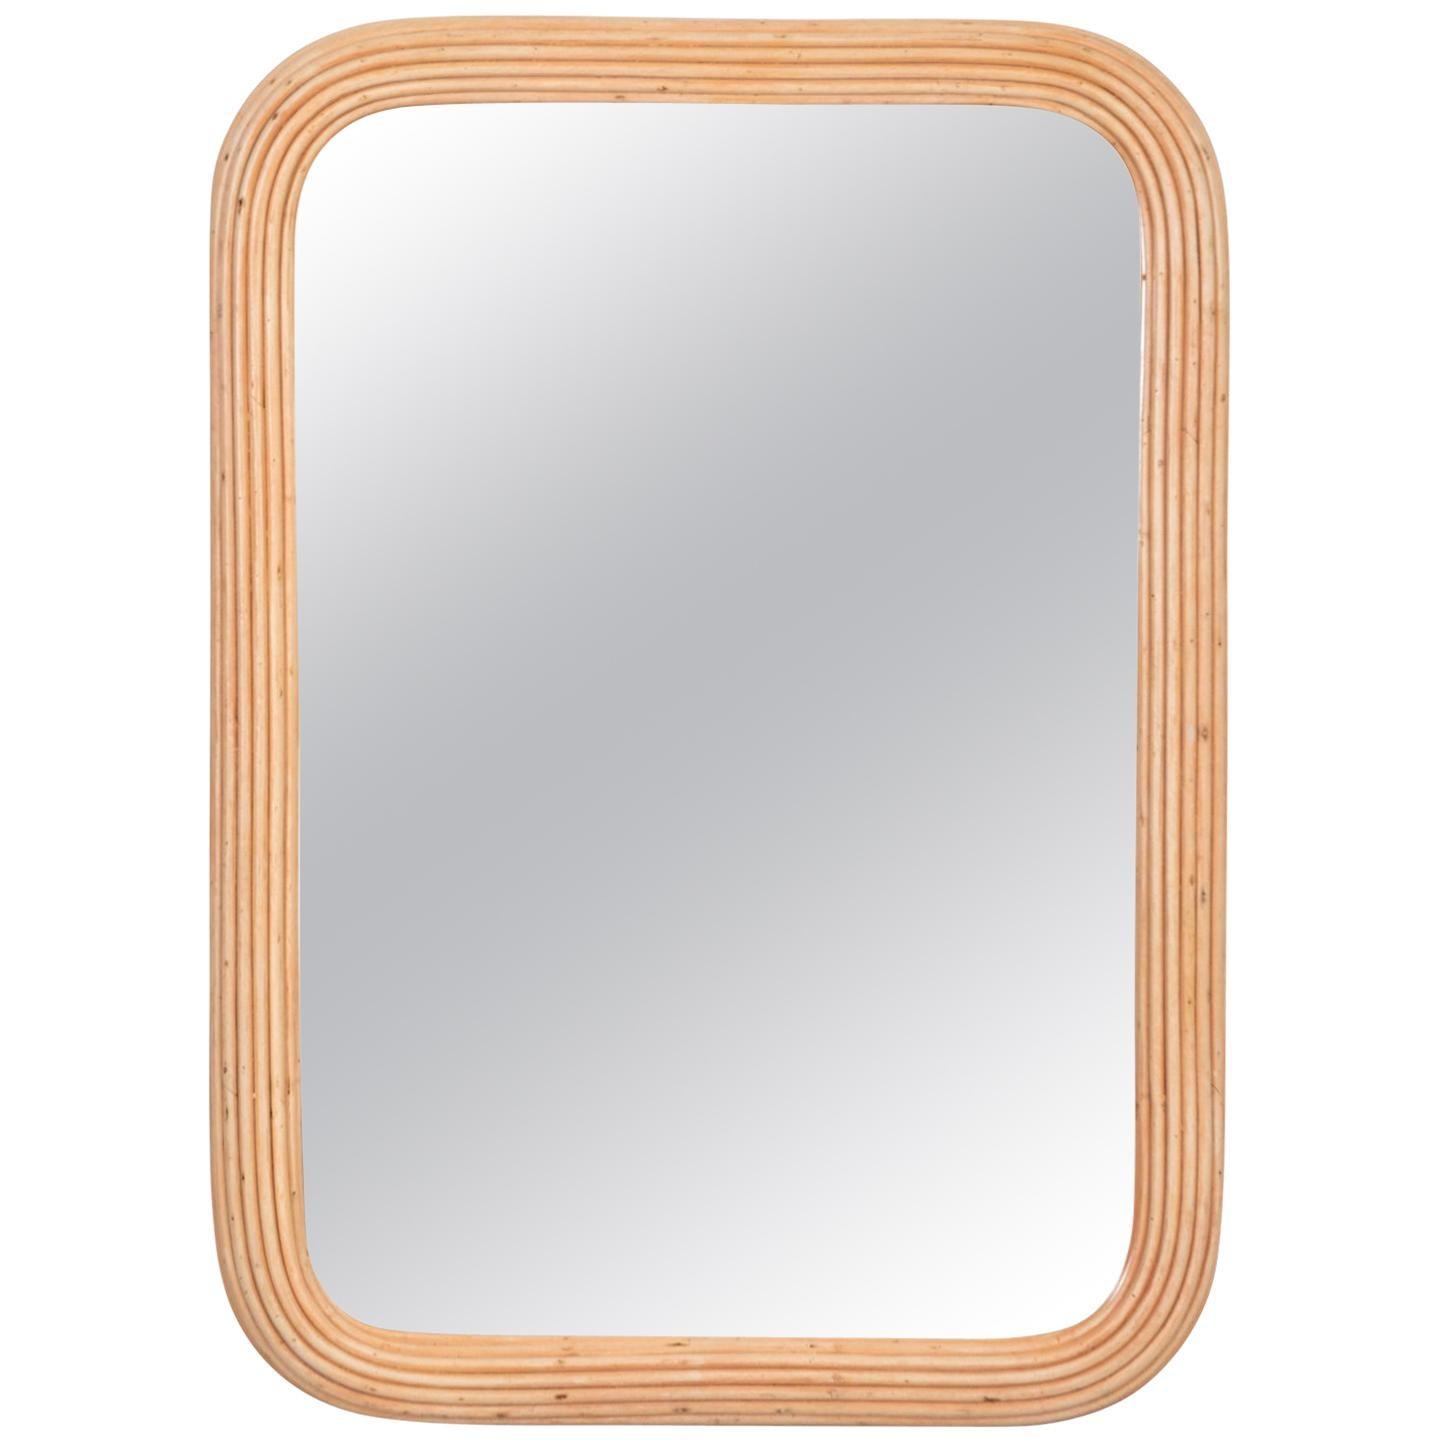 Pencil Reed Mirror